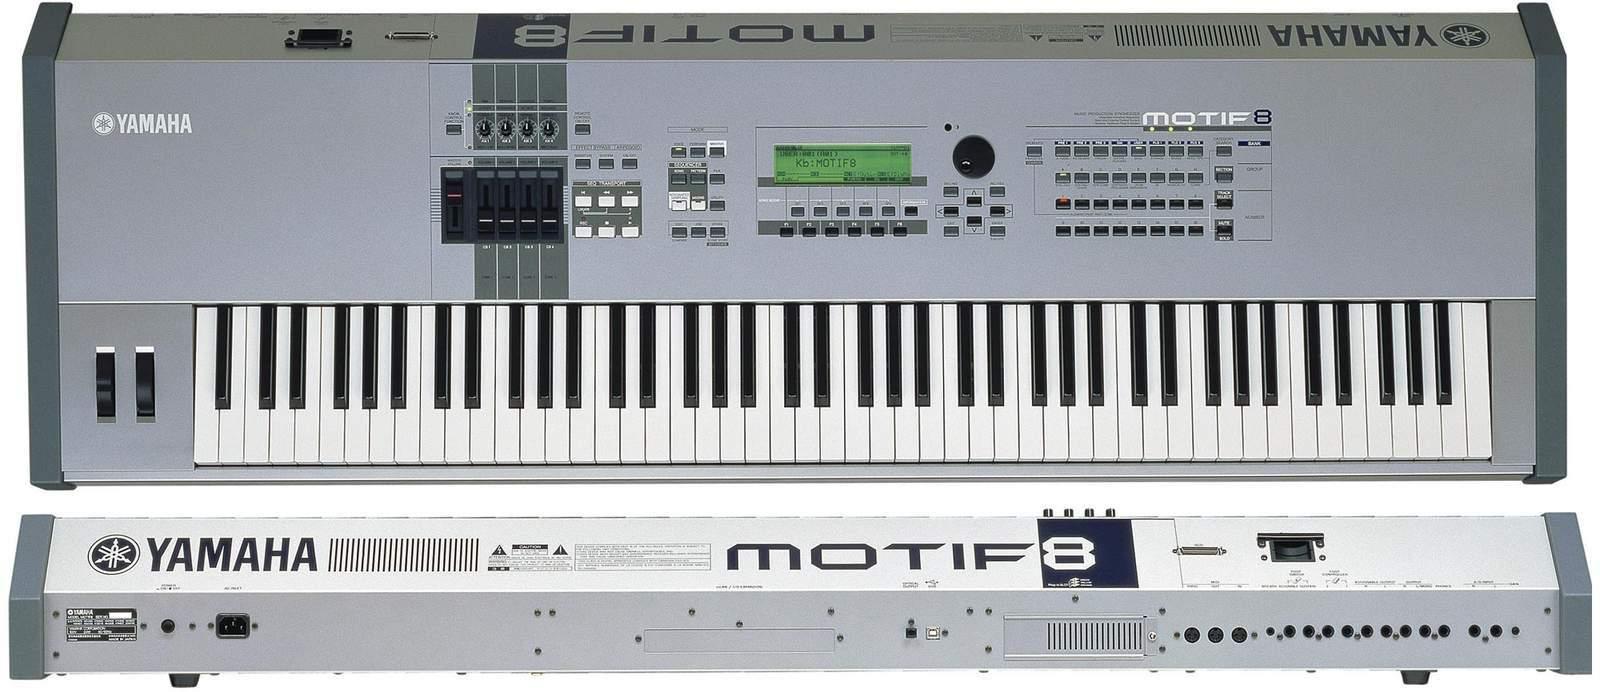 Yamaha Motif X